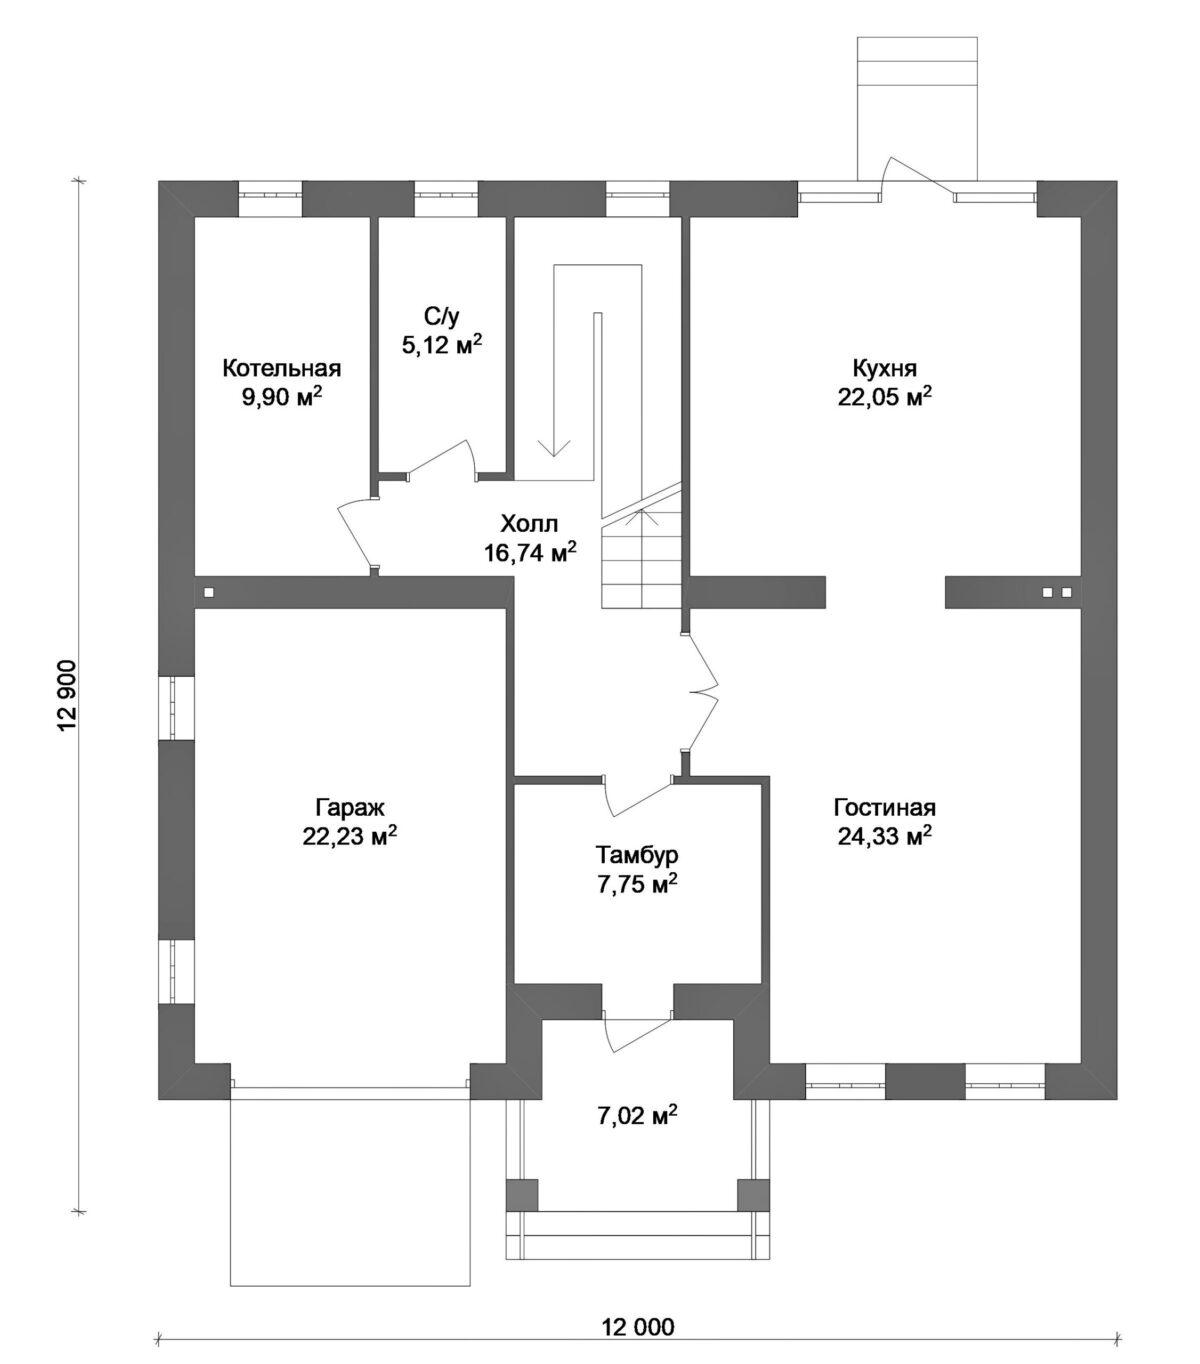 Престол D-024 с видеообзором. Проект двухэтажного дома на 3 спальни, с гаражом